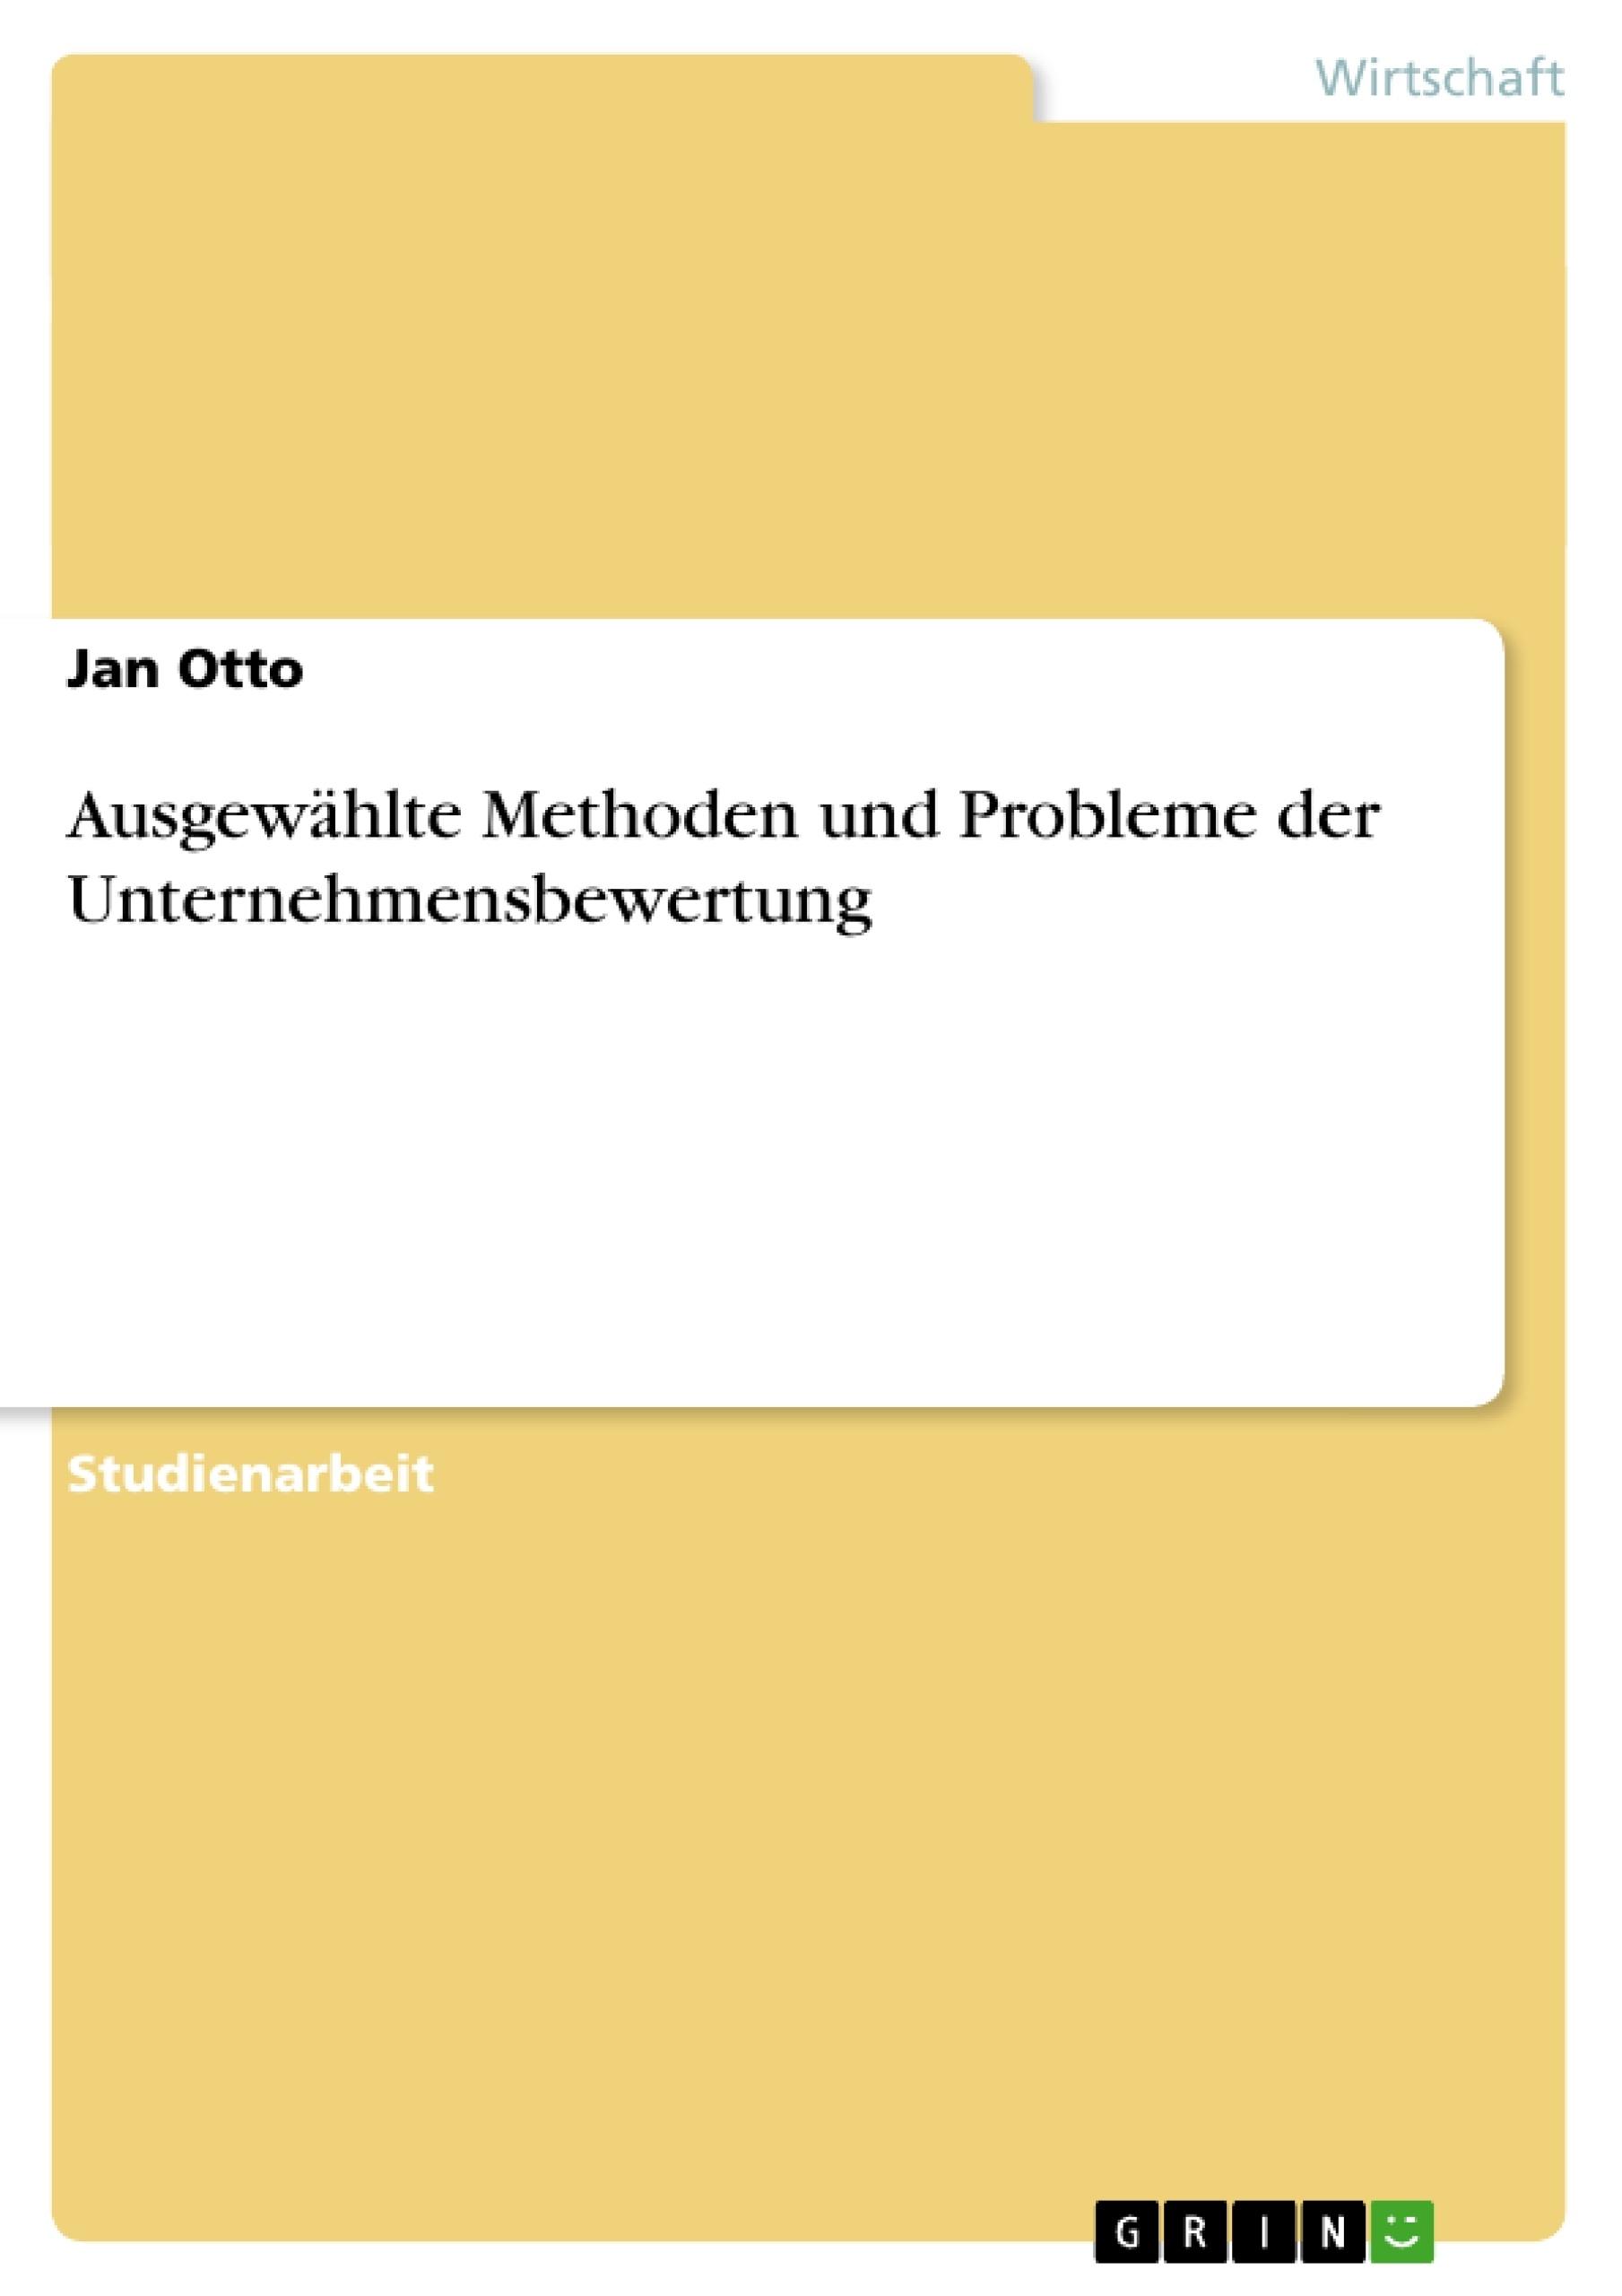 Titel: Ausgewählte Methoden und Probleme der Unternehmensbewertung